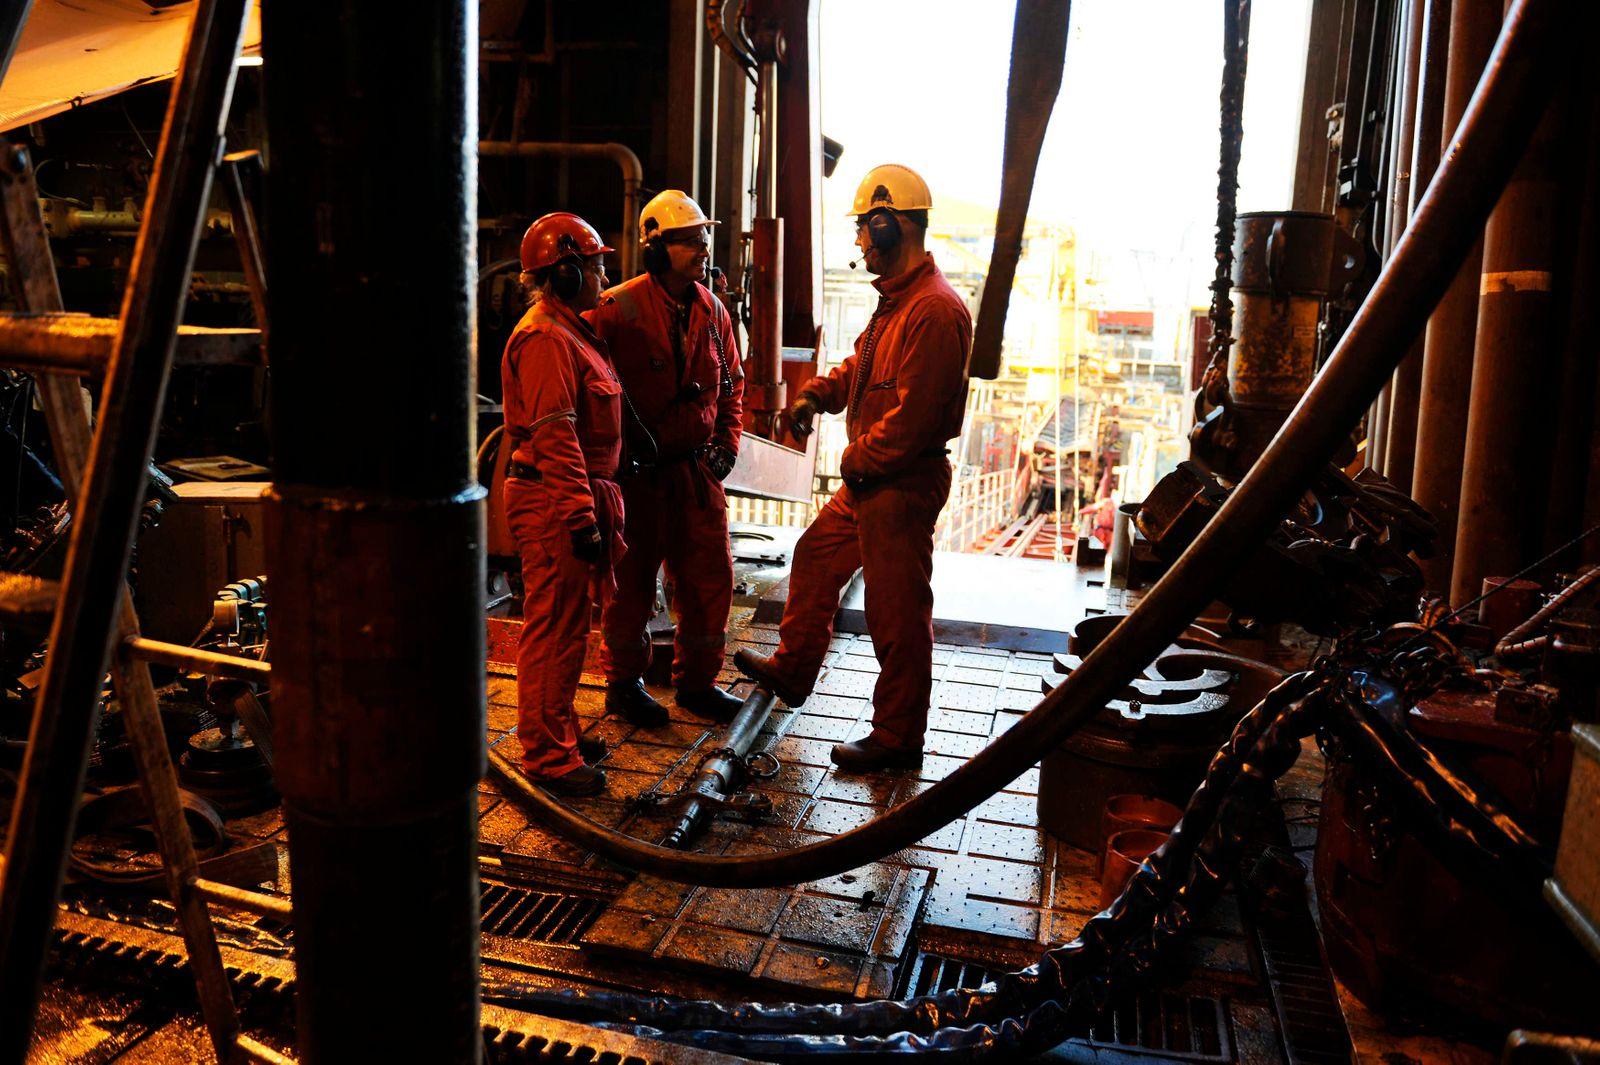 Norwegen / Öl / Ölproduktion / Arbeiter